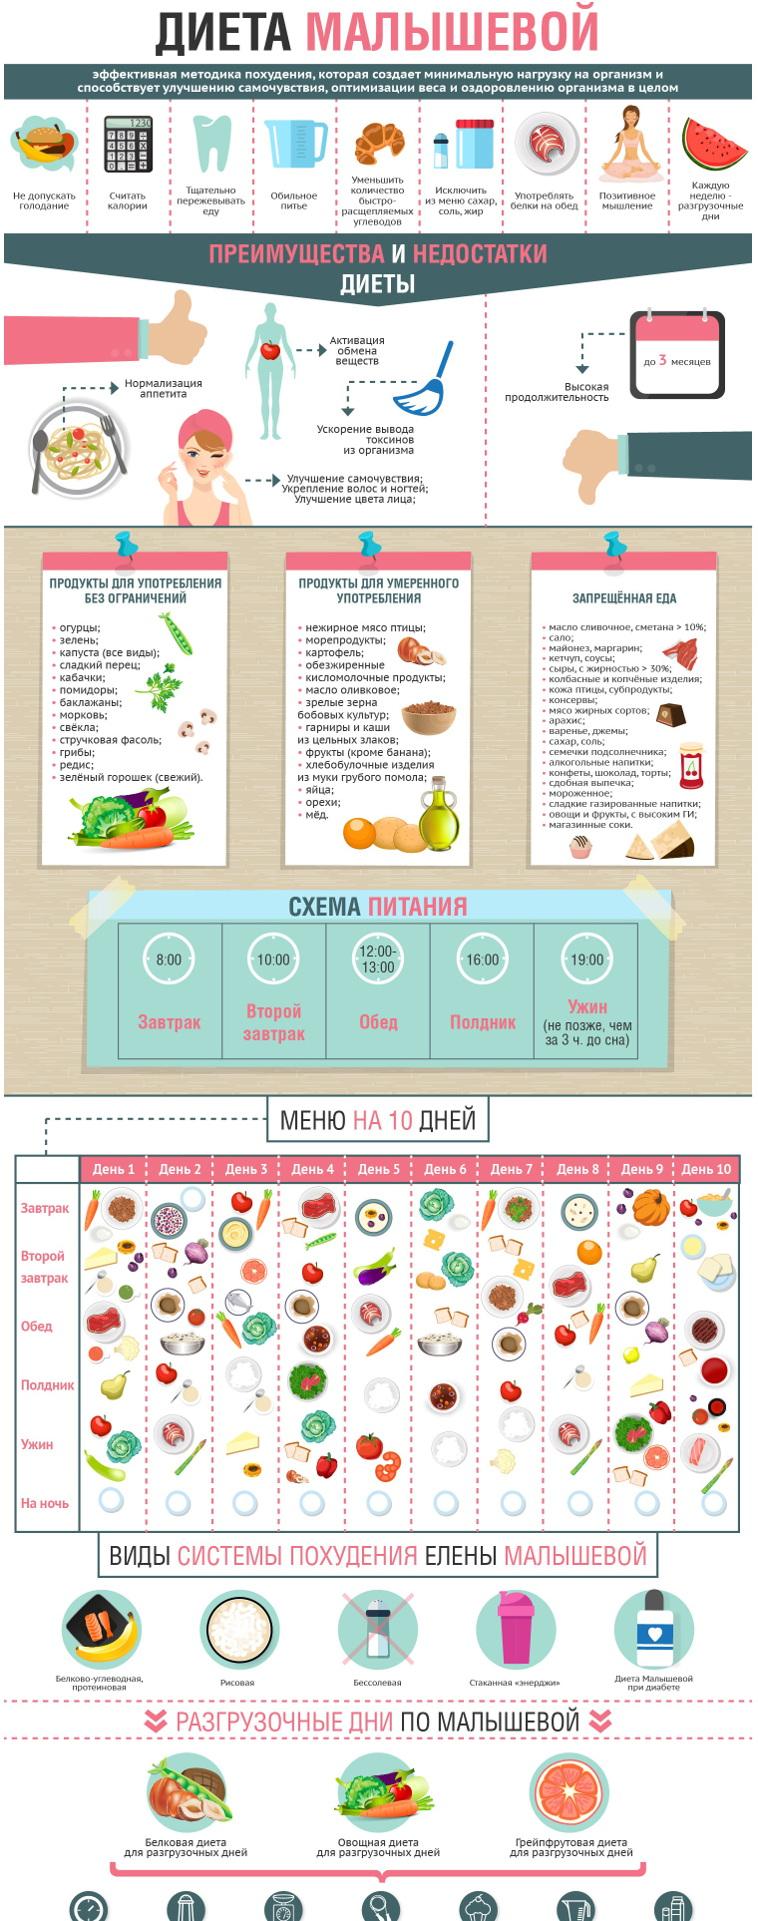 Худеем и здоровеем с настоящей диетой Елены Малышевой